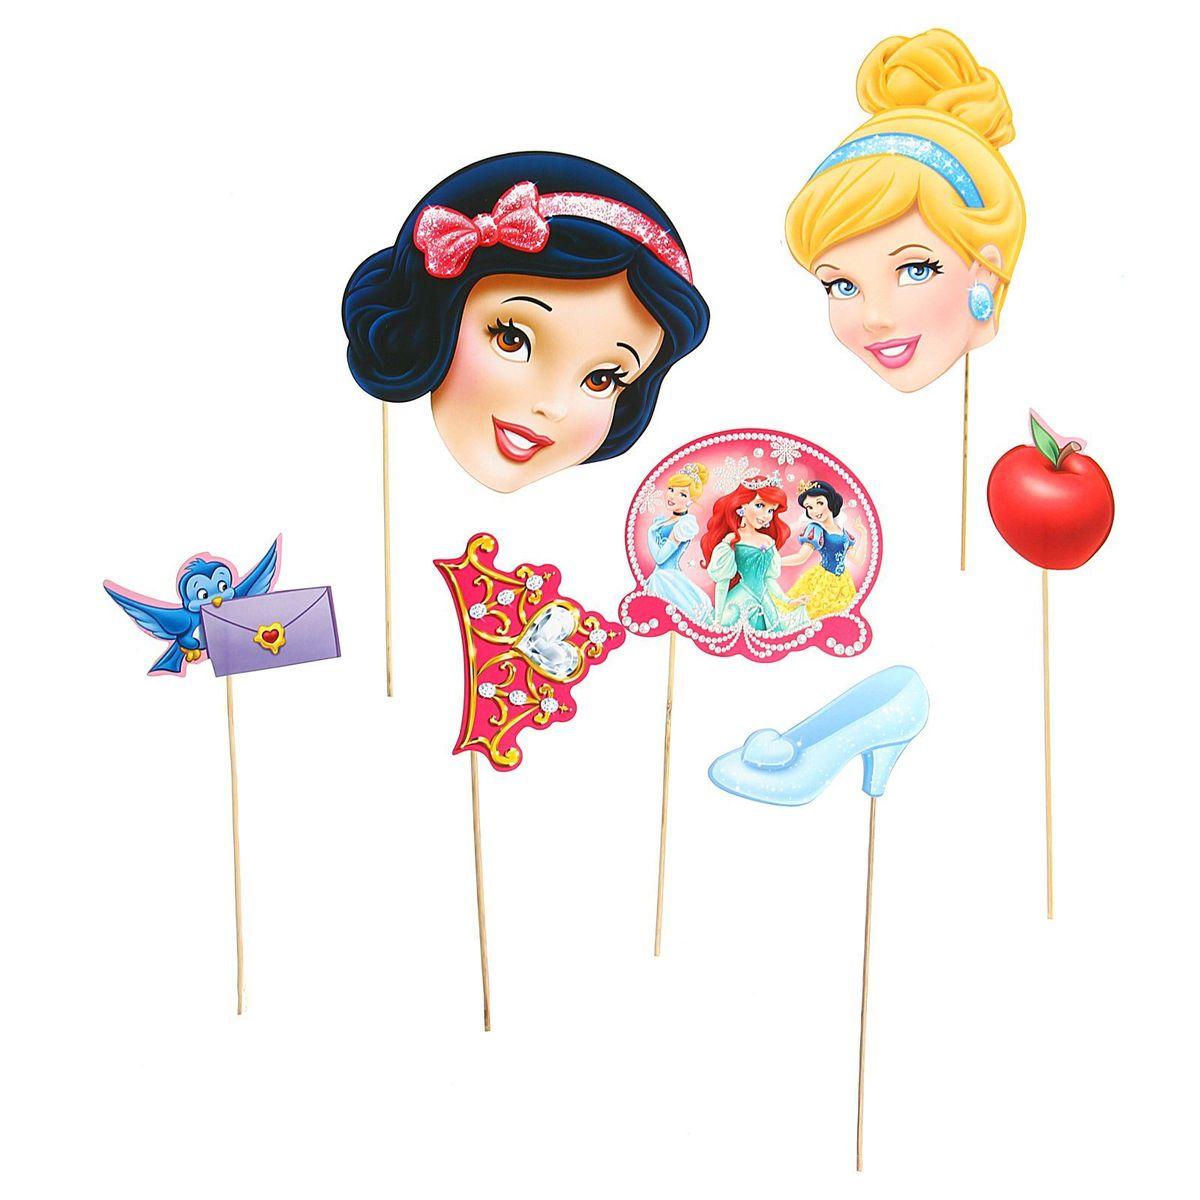 Набор фотобутафории Disney Принцессы, 7 предметов1182236Невозможно представить нашу жизнь без праздников! Мы всегда ждем и предвкушаем их, обдумываем, как проведем памятный день, тщательно выбираем подарки и аксессуары, ведь именно они создают и поддерживают праздничный настрой. Аксессуары для фотосессии на палочке - это отличный выбор, который привнесет атмосферу праздника в ваш дом!